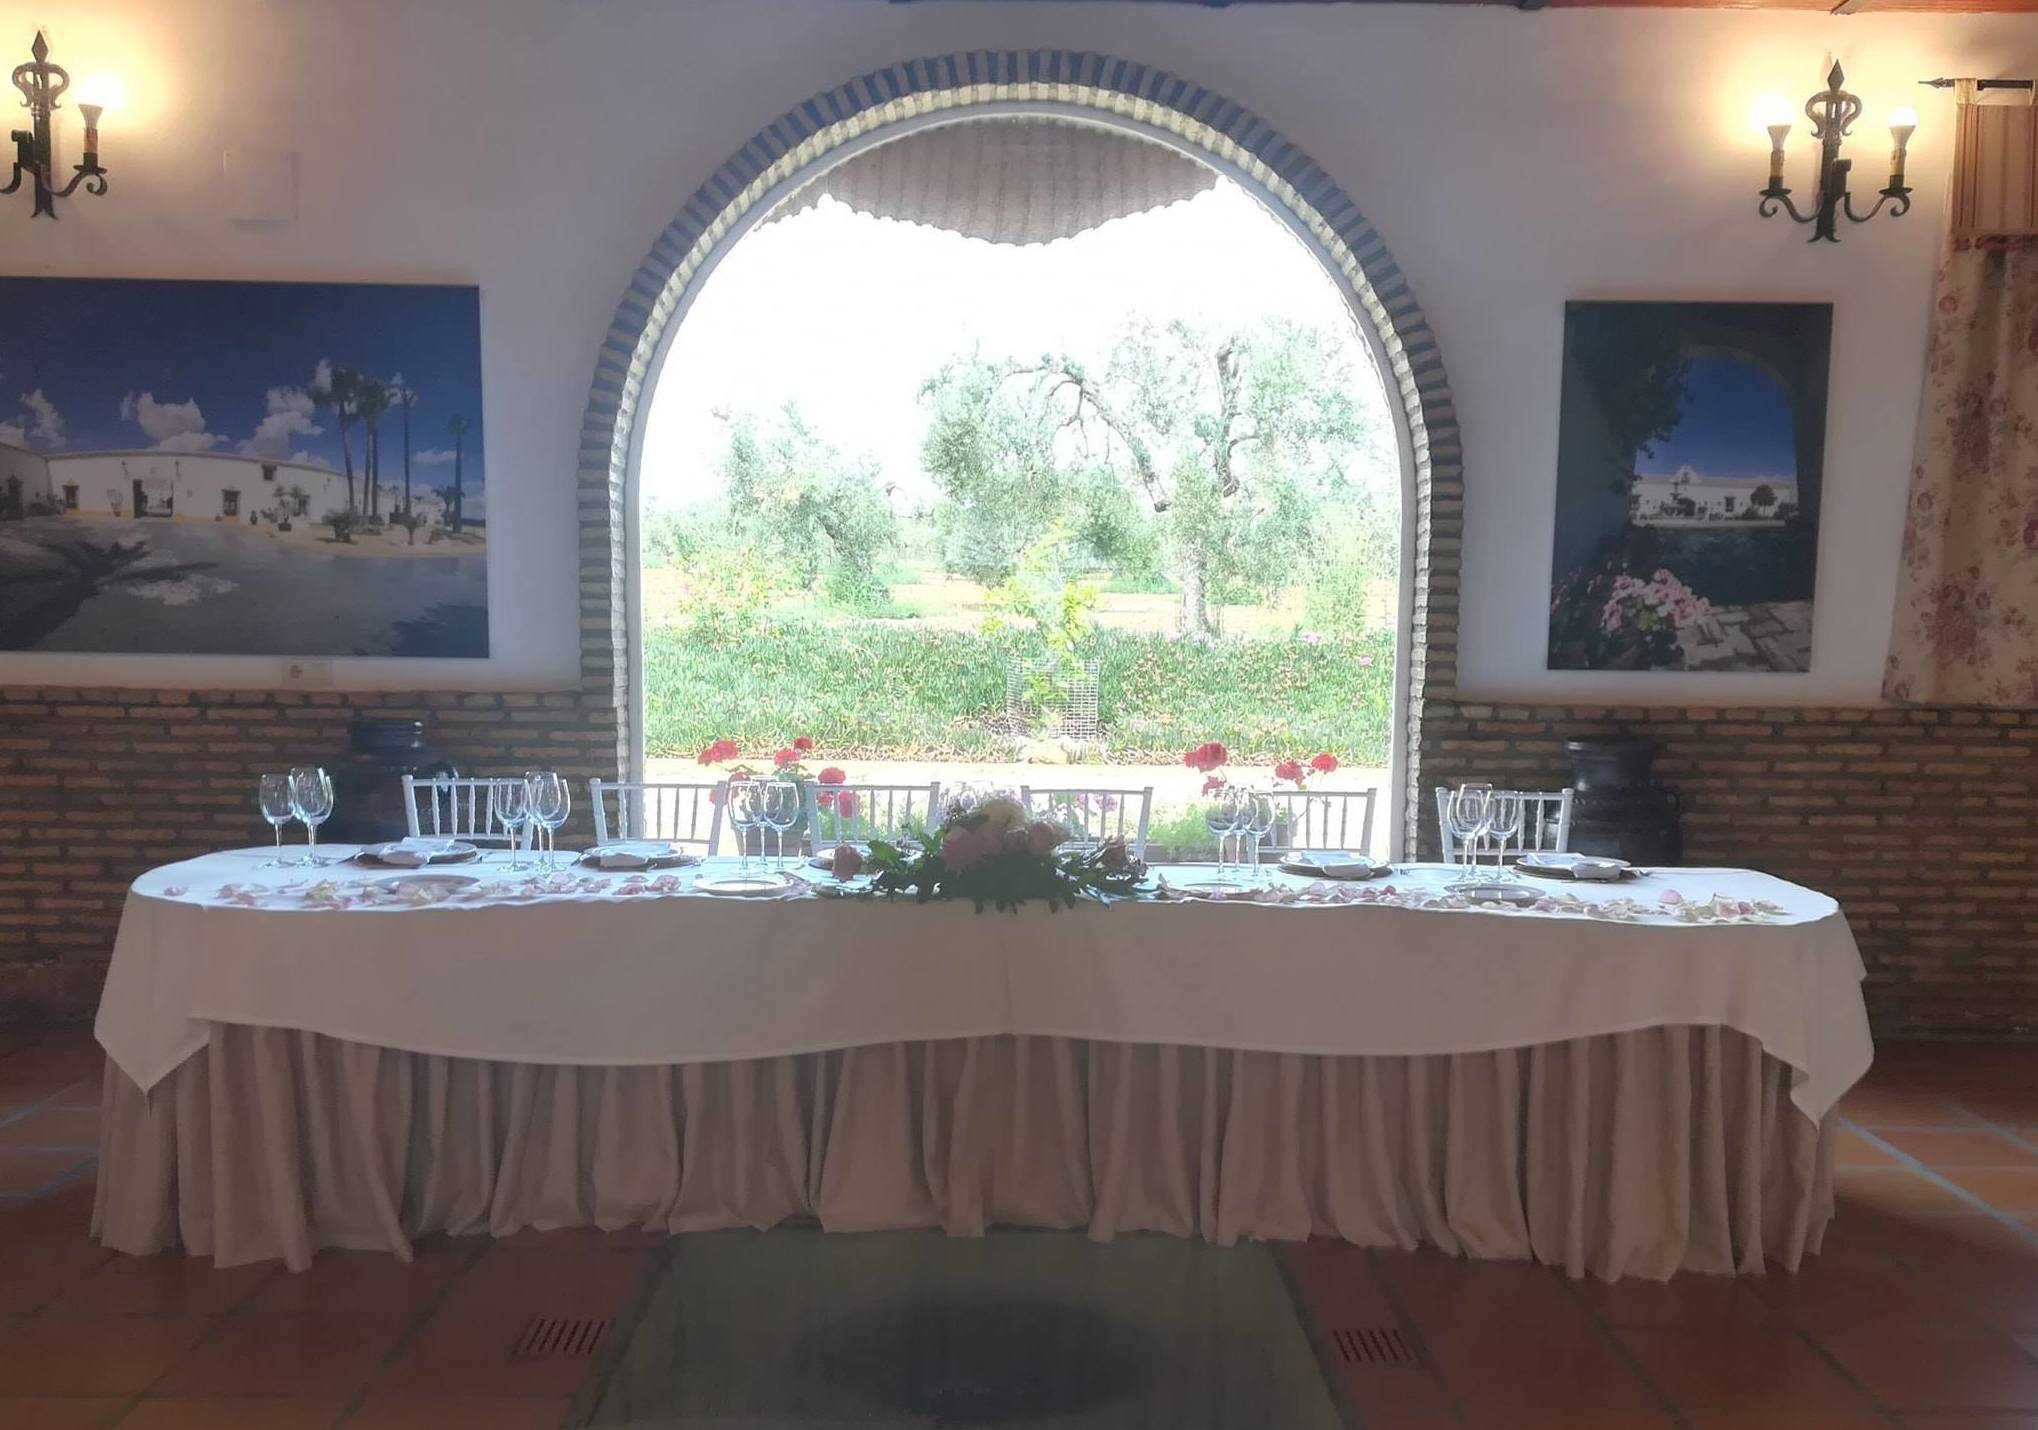 Foto 24 de Celebración de bodas en Alcalá de Guadaíra | Hacienda Mendieta